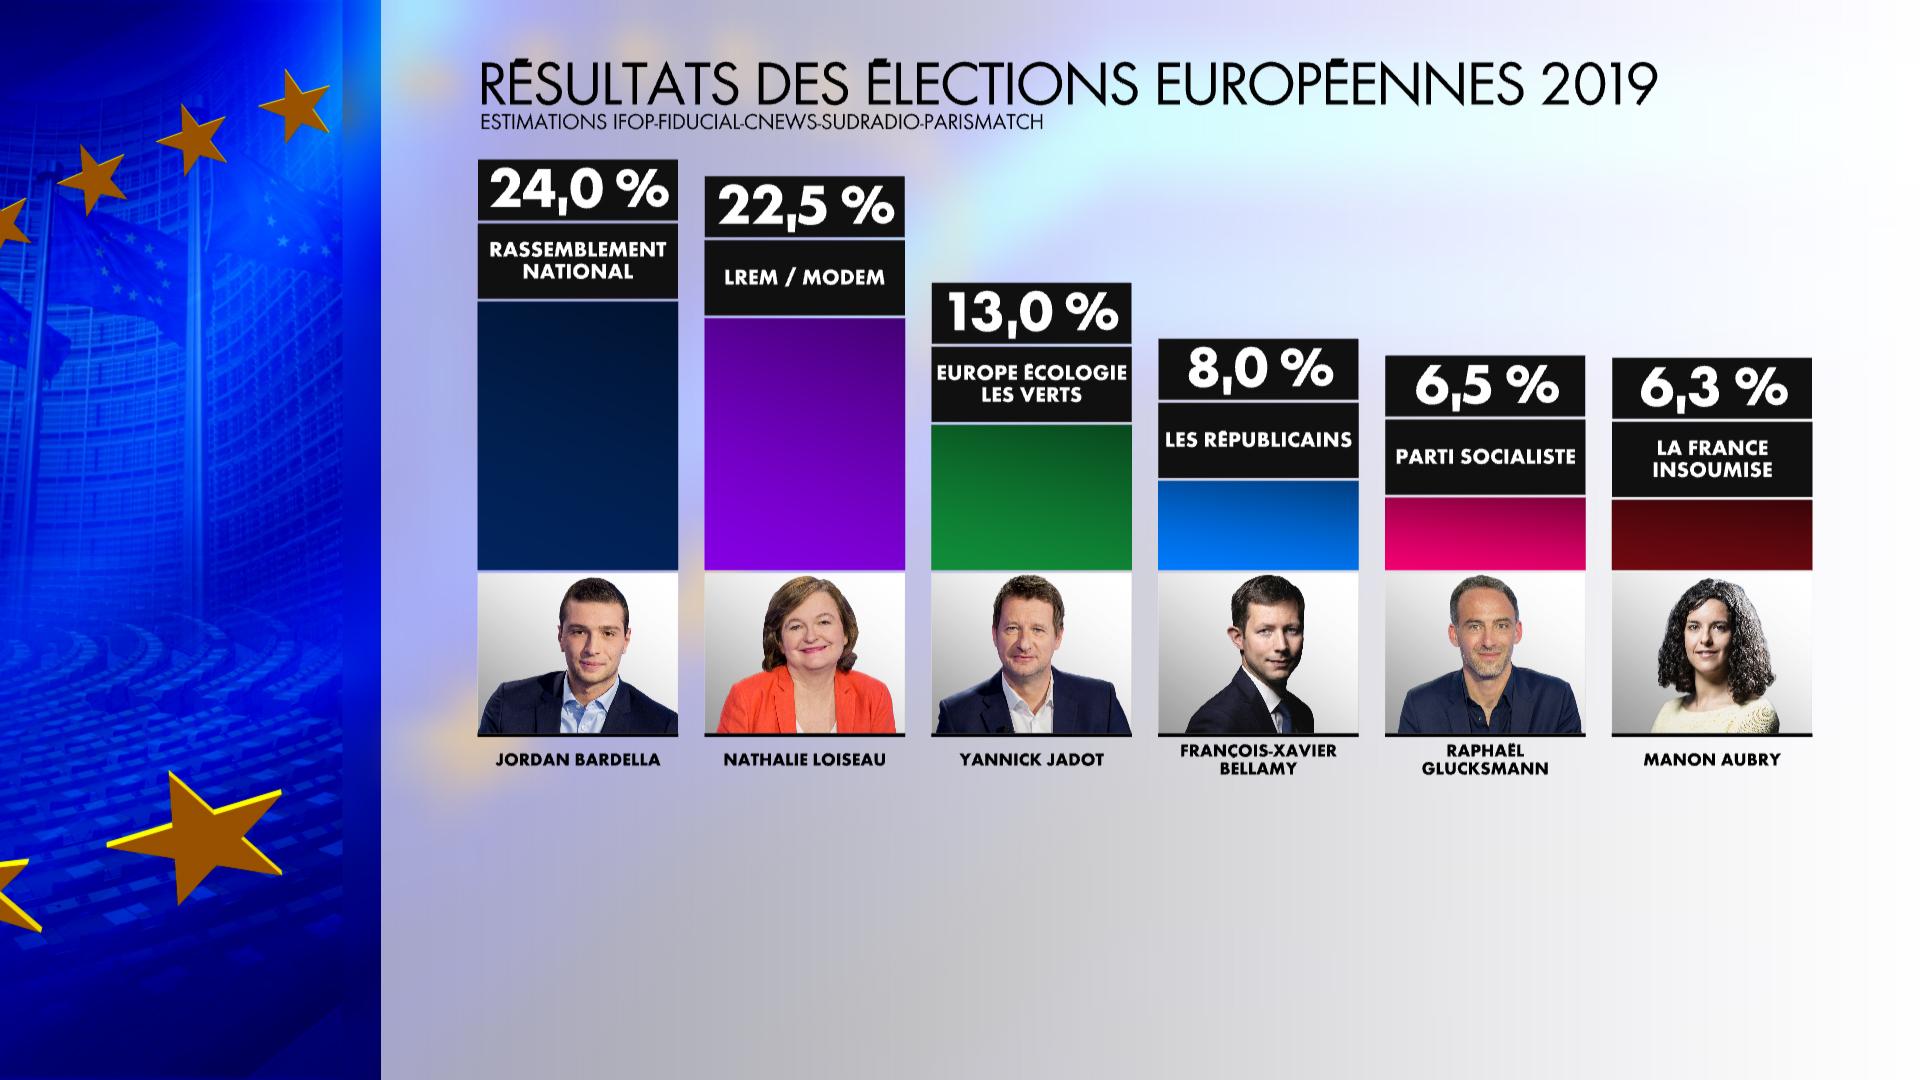 resultats_des_europeennes_5cead37ca02f6.jpg